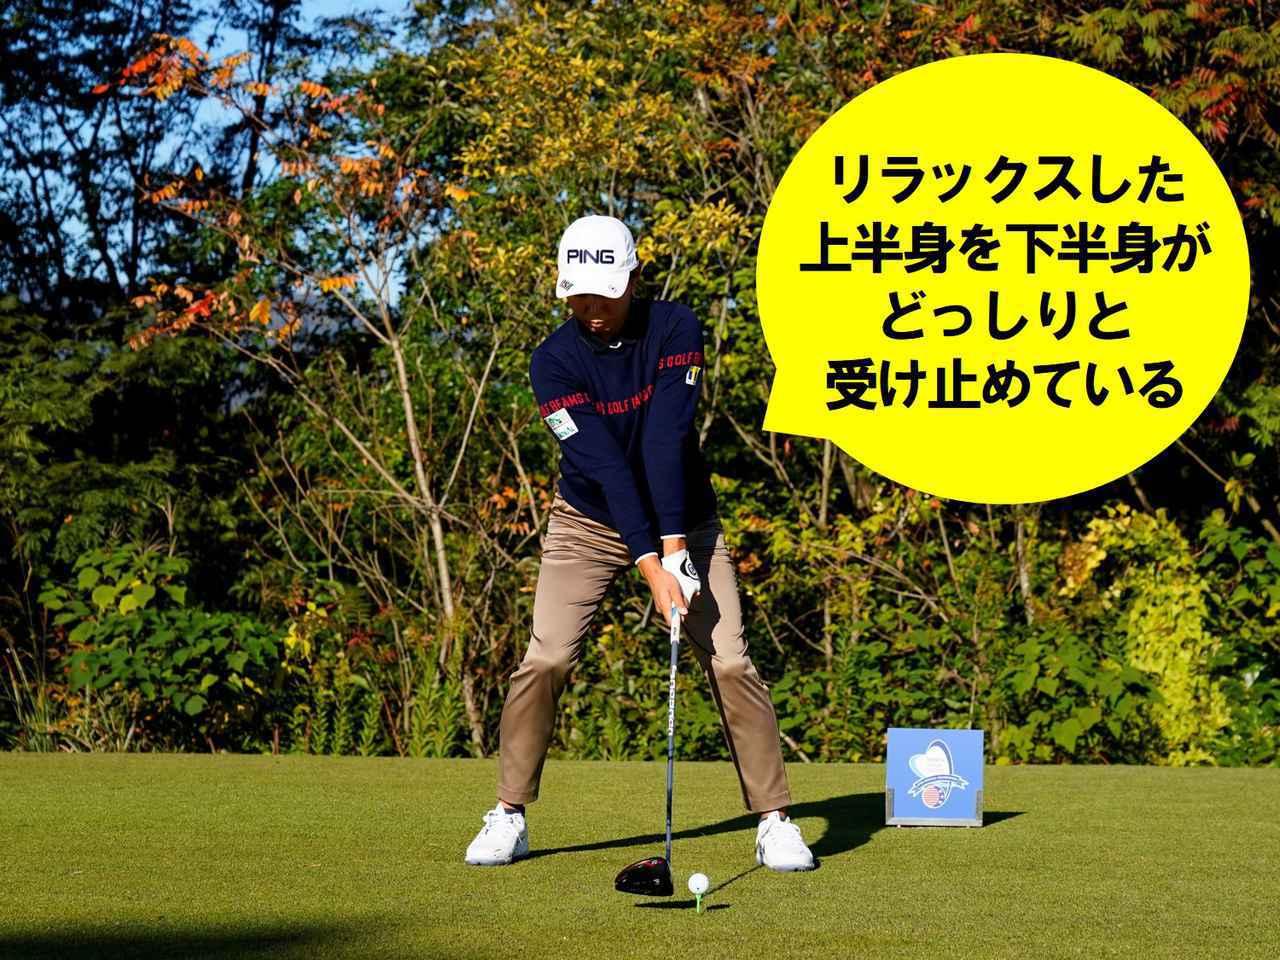 画像1: 【渋野日向子】小さな動きで最大パワーと最速スピード。これぞ令和のアスレチックスウィング!